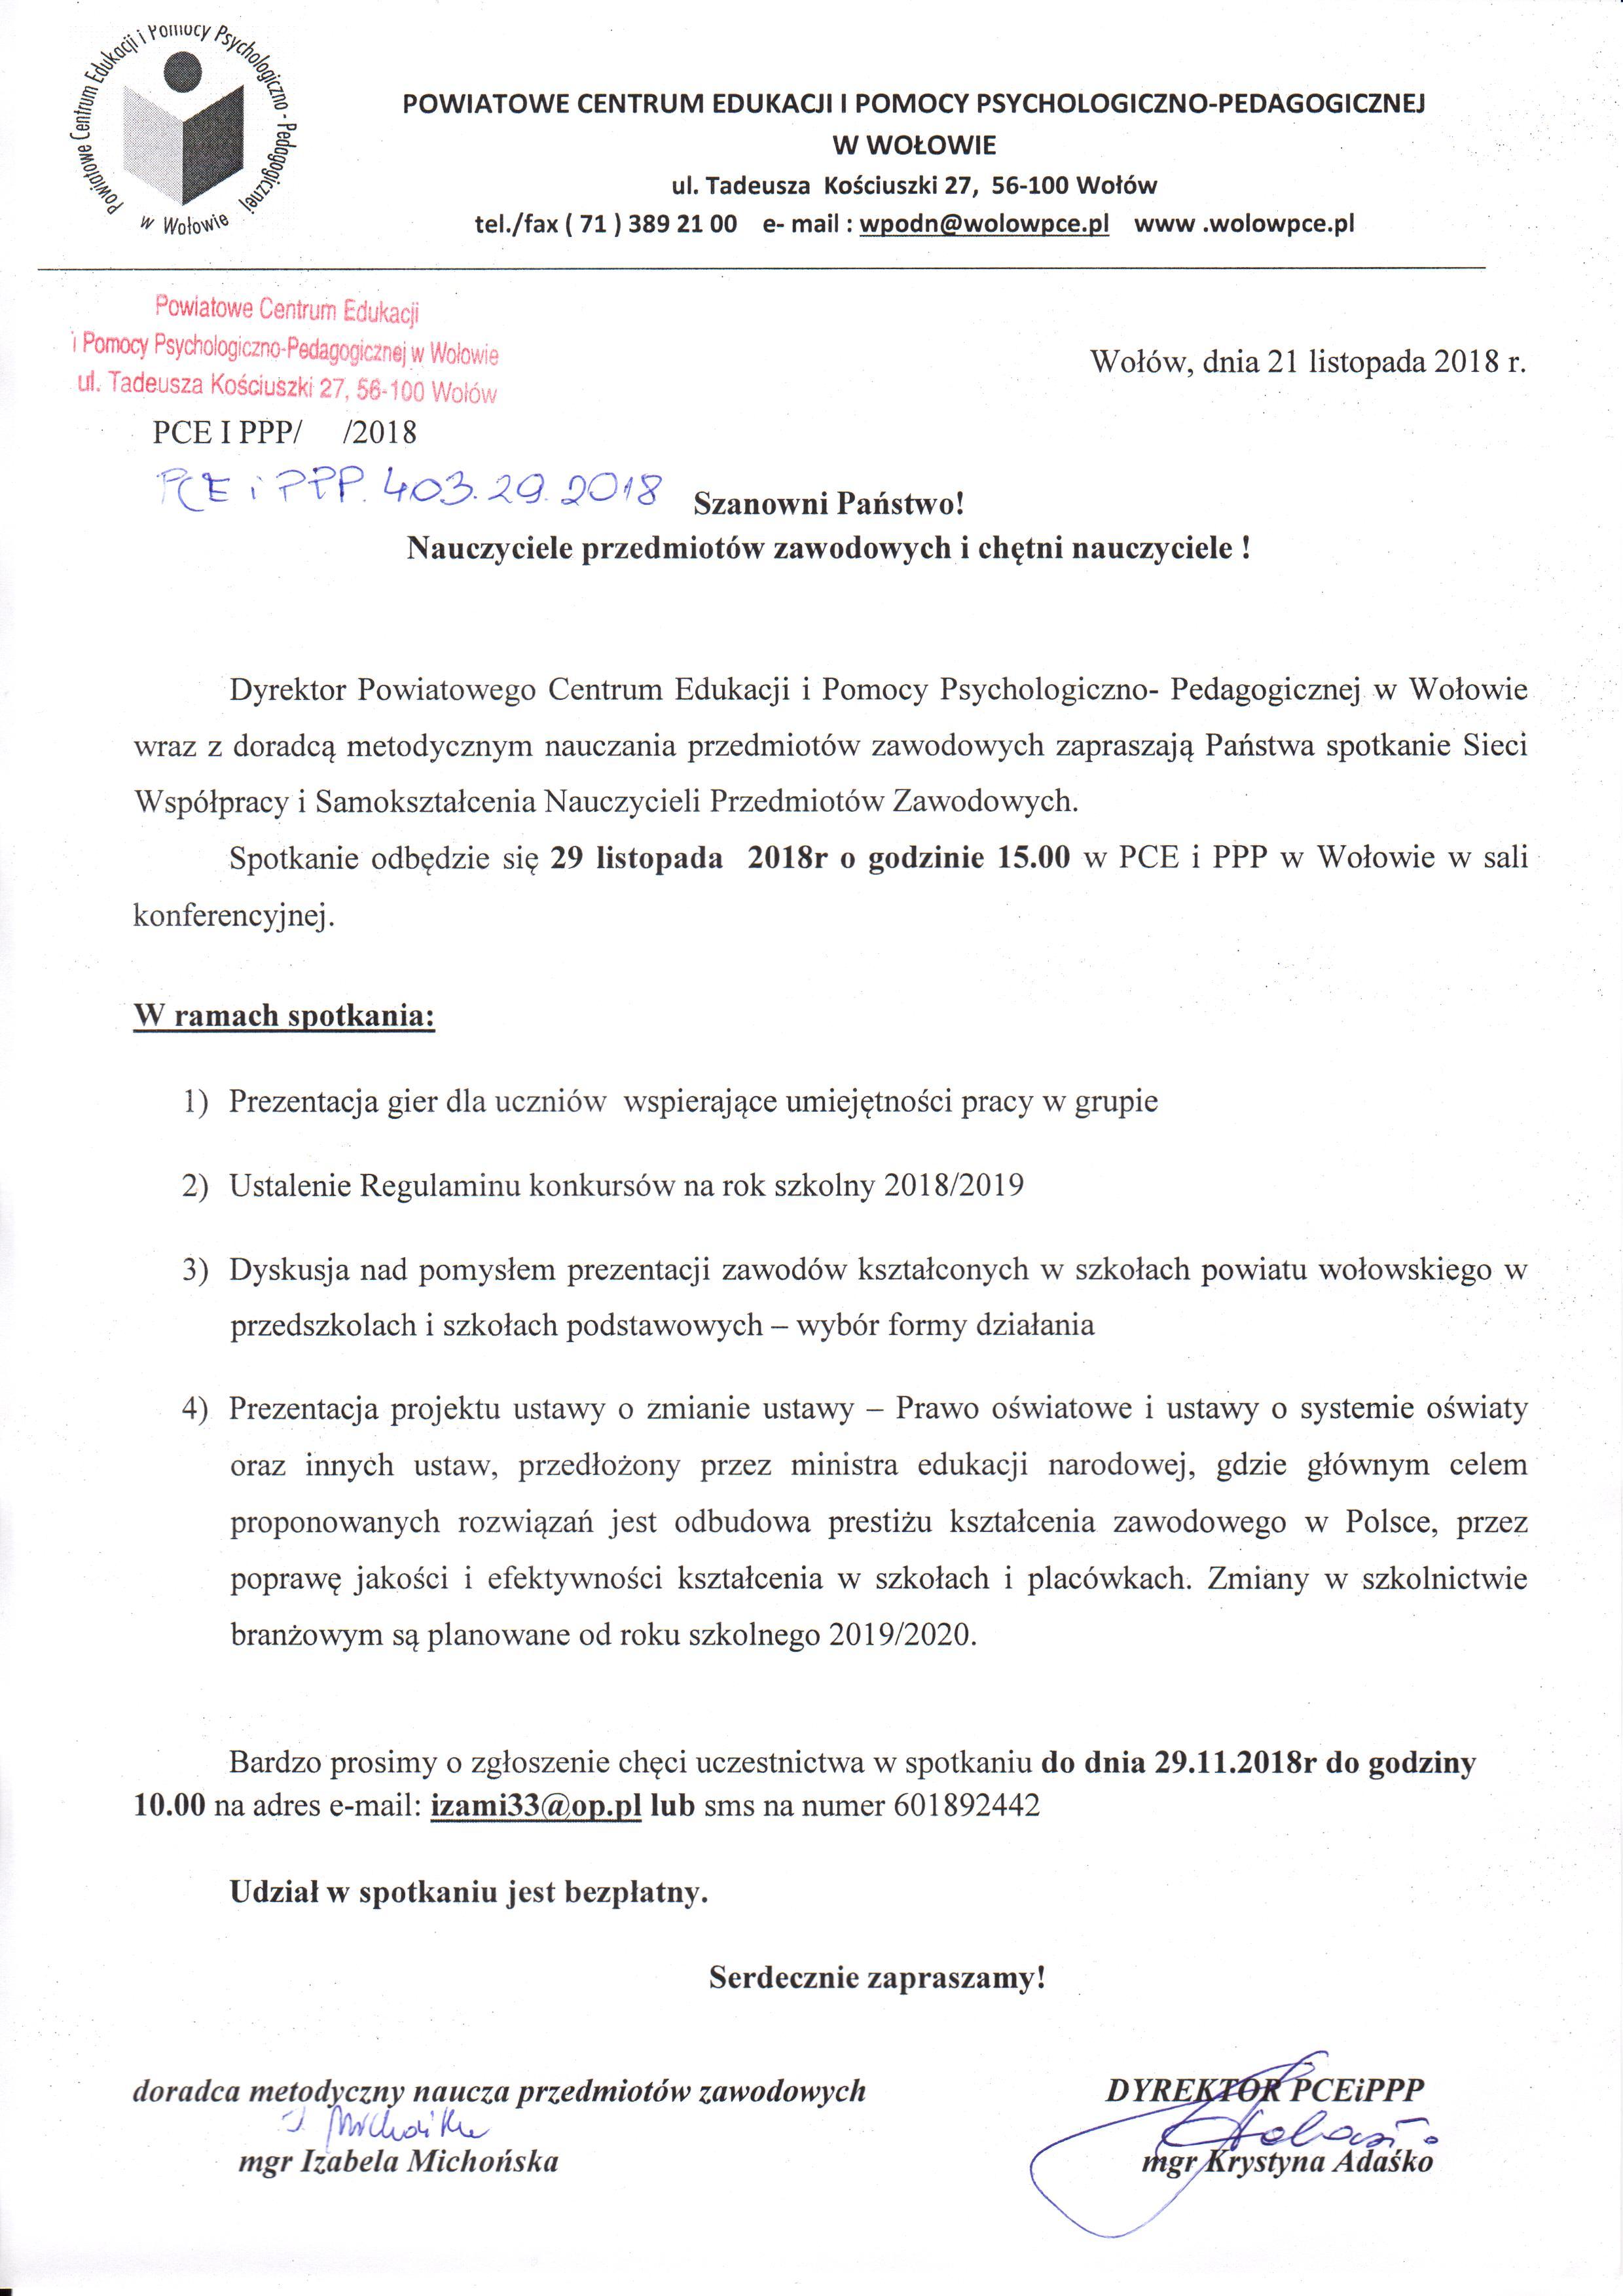 ed5303a5177ad8 2018_11_29- Sieć Współpracy Przedmiotów Zawodowych.jpeg